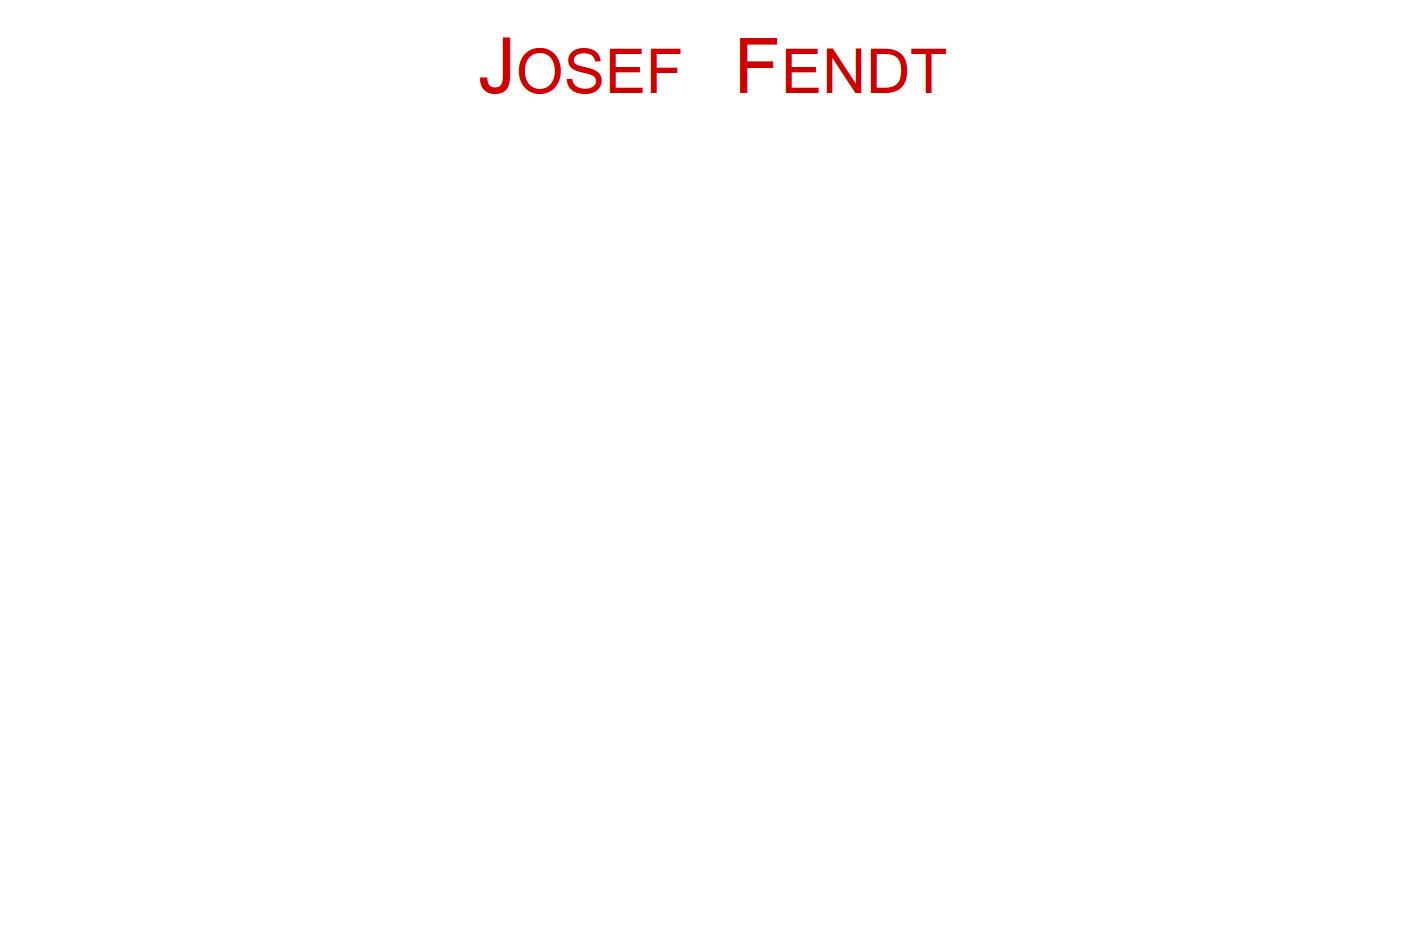 Josef Fendt